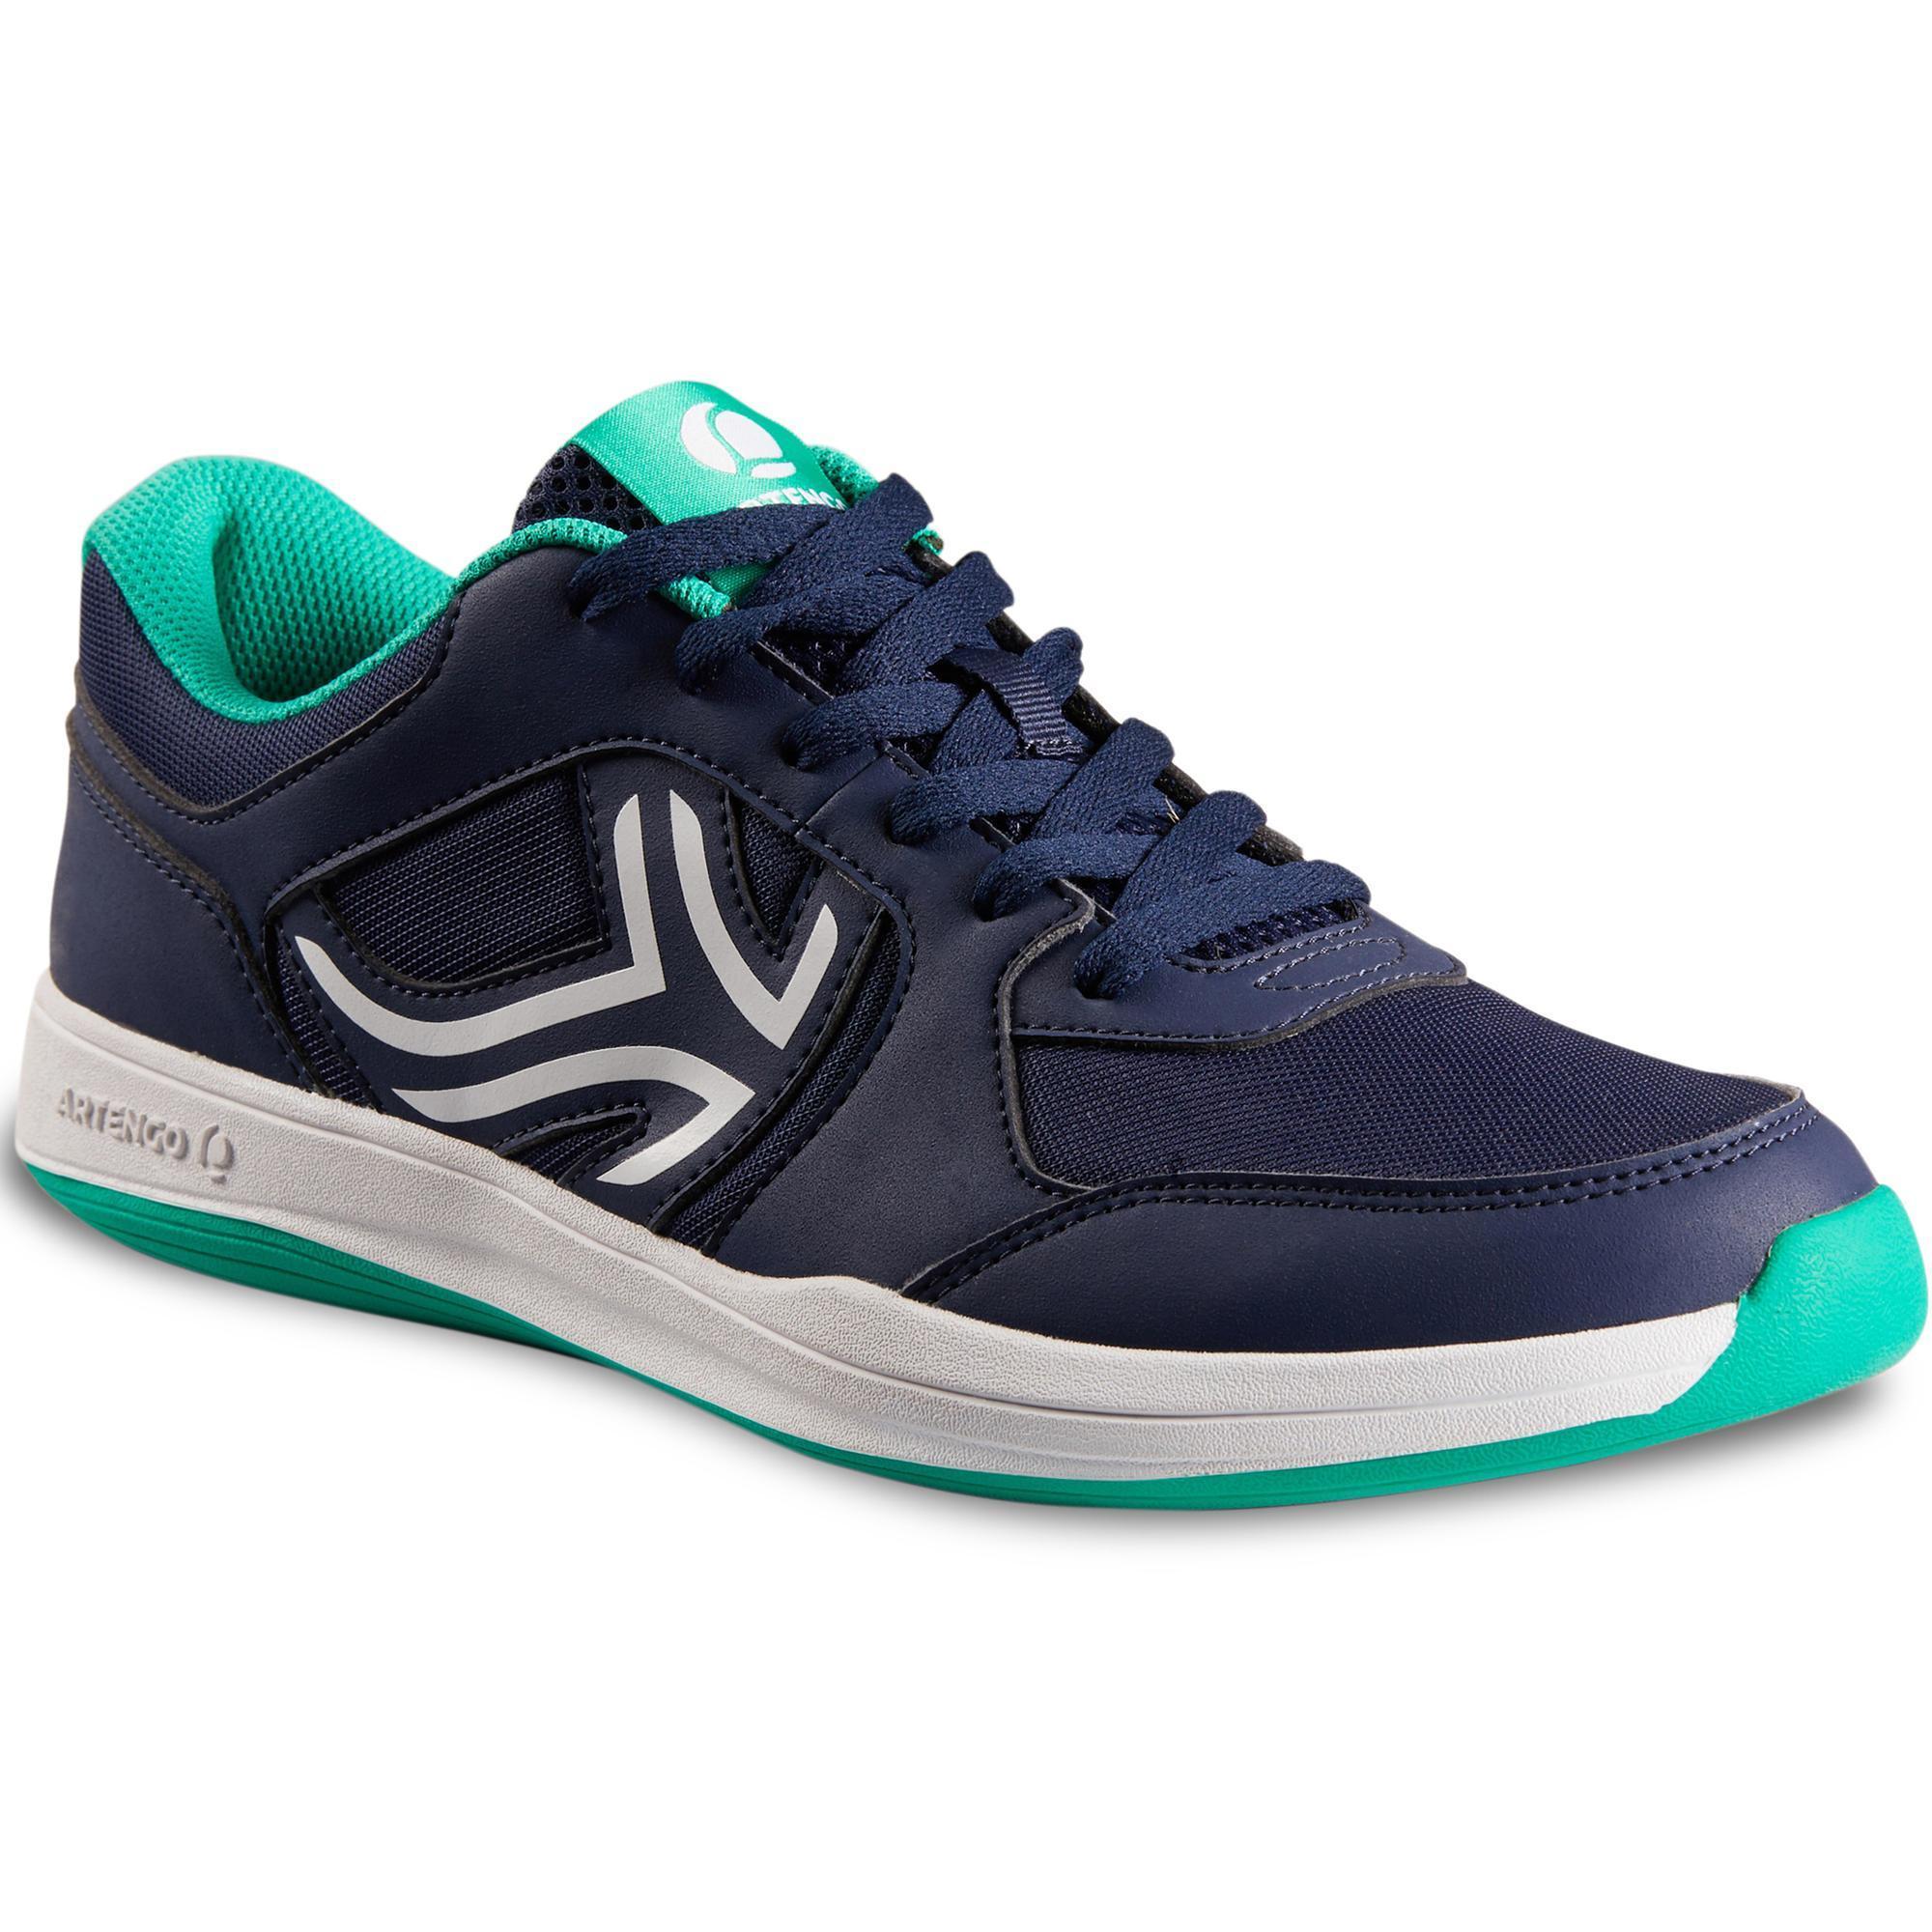 952c3156073b1 Comprar Zapatillas y calzado de tenis hombre